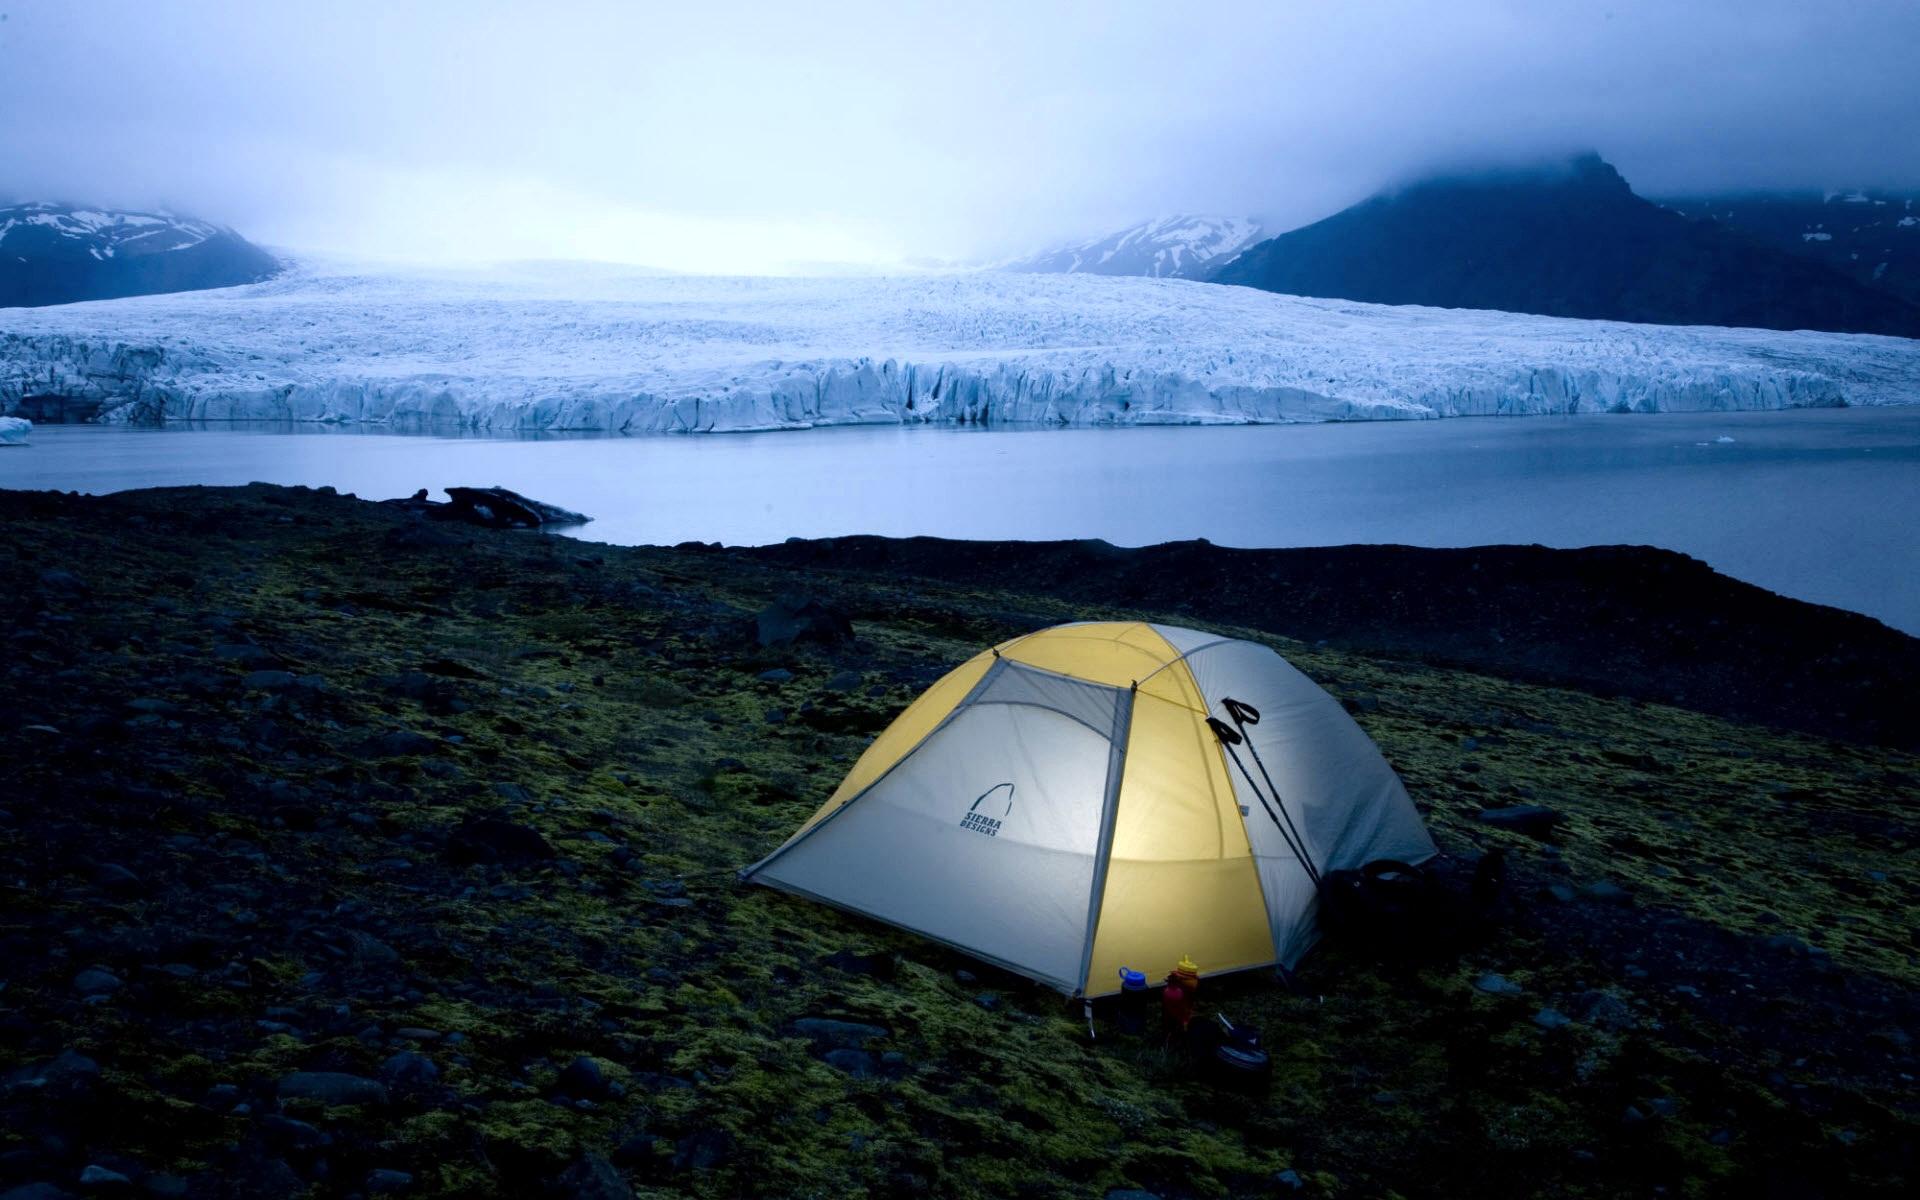 48 Camping Wallpaper On Wallpapersafari